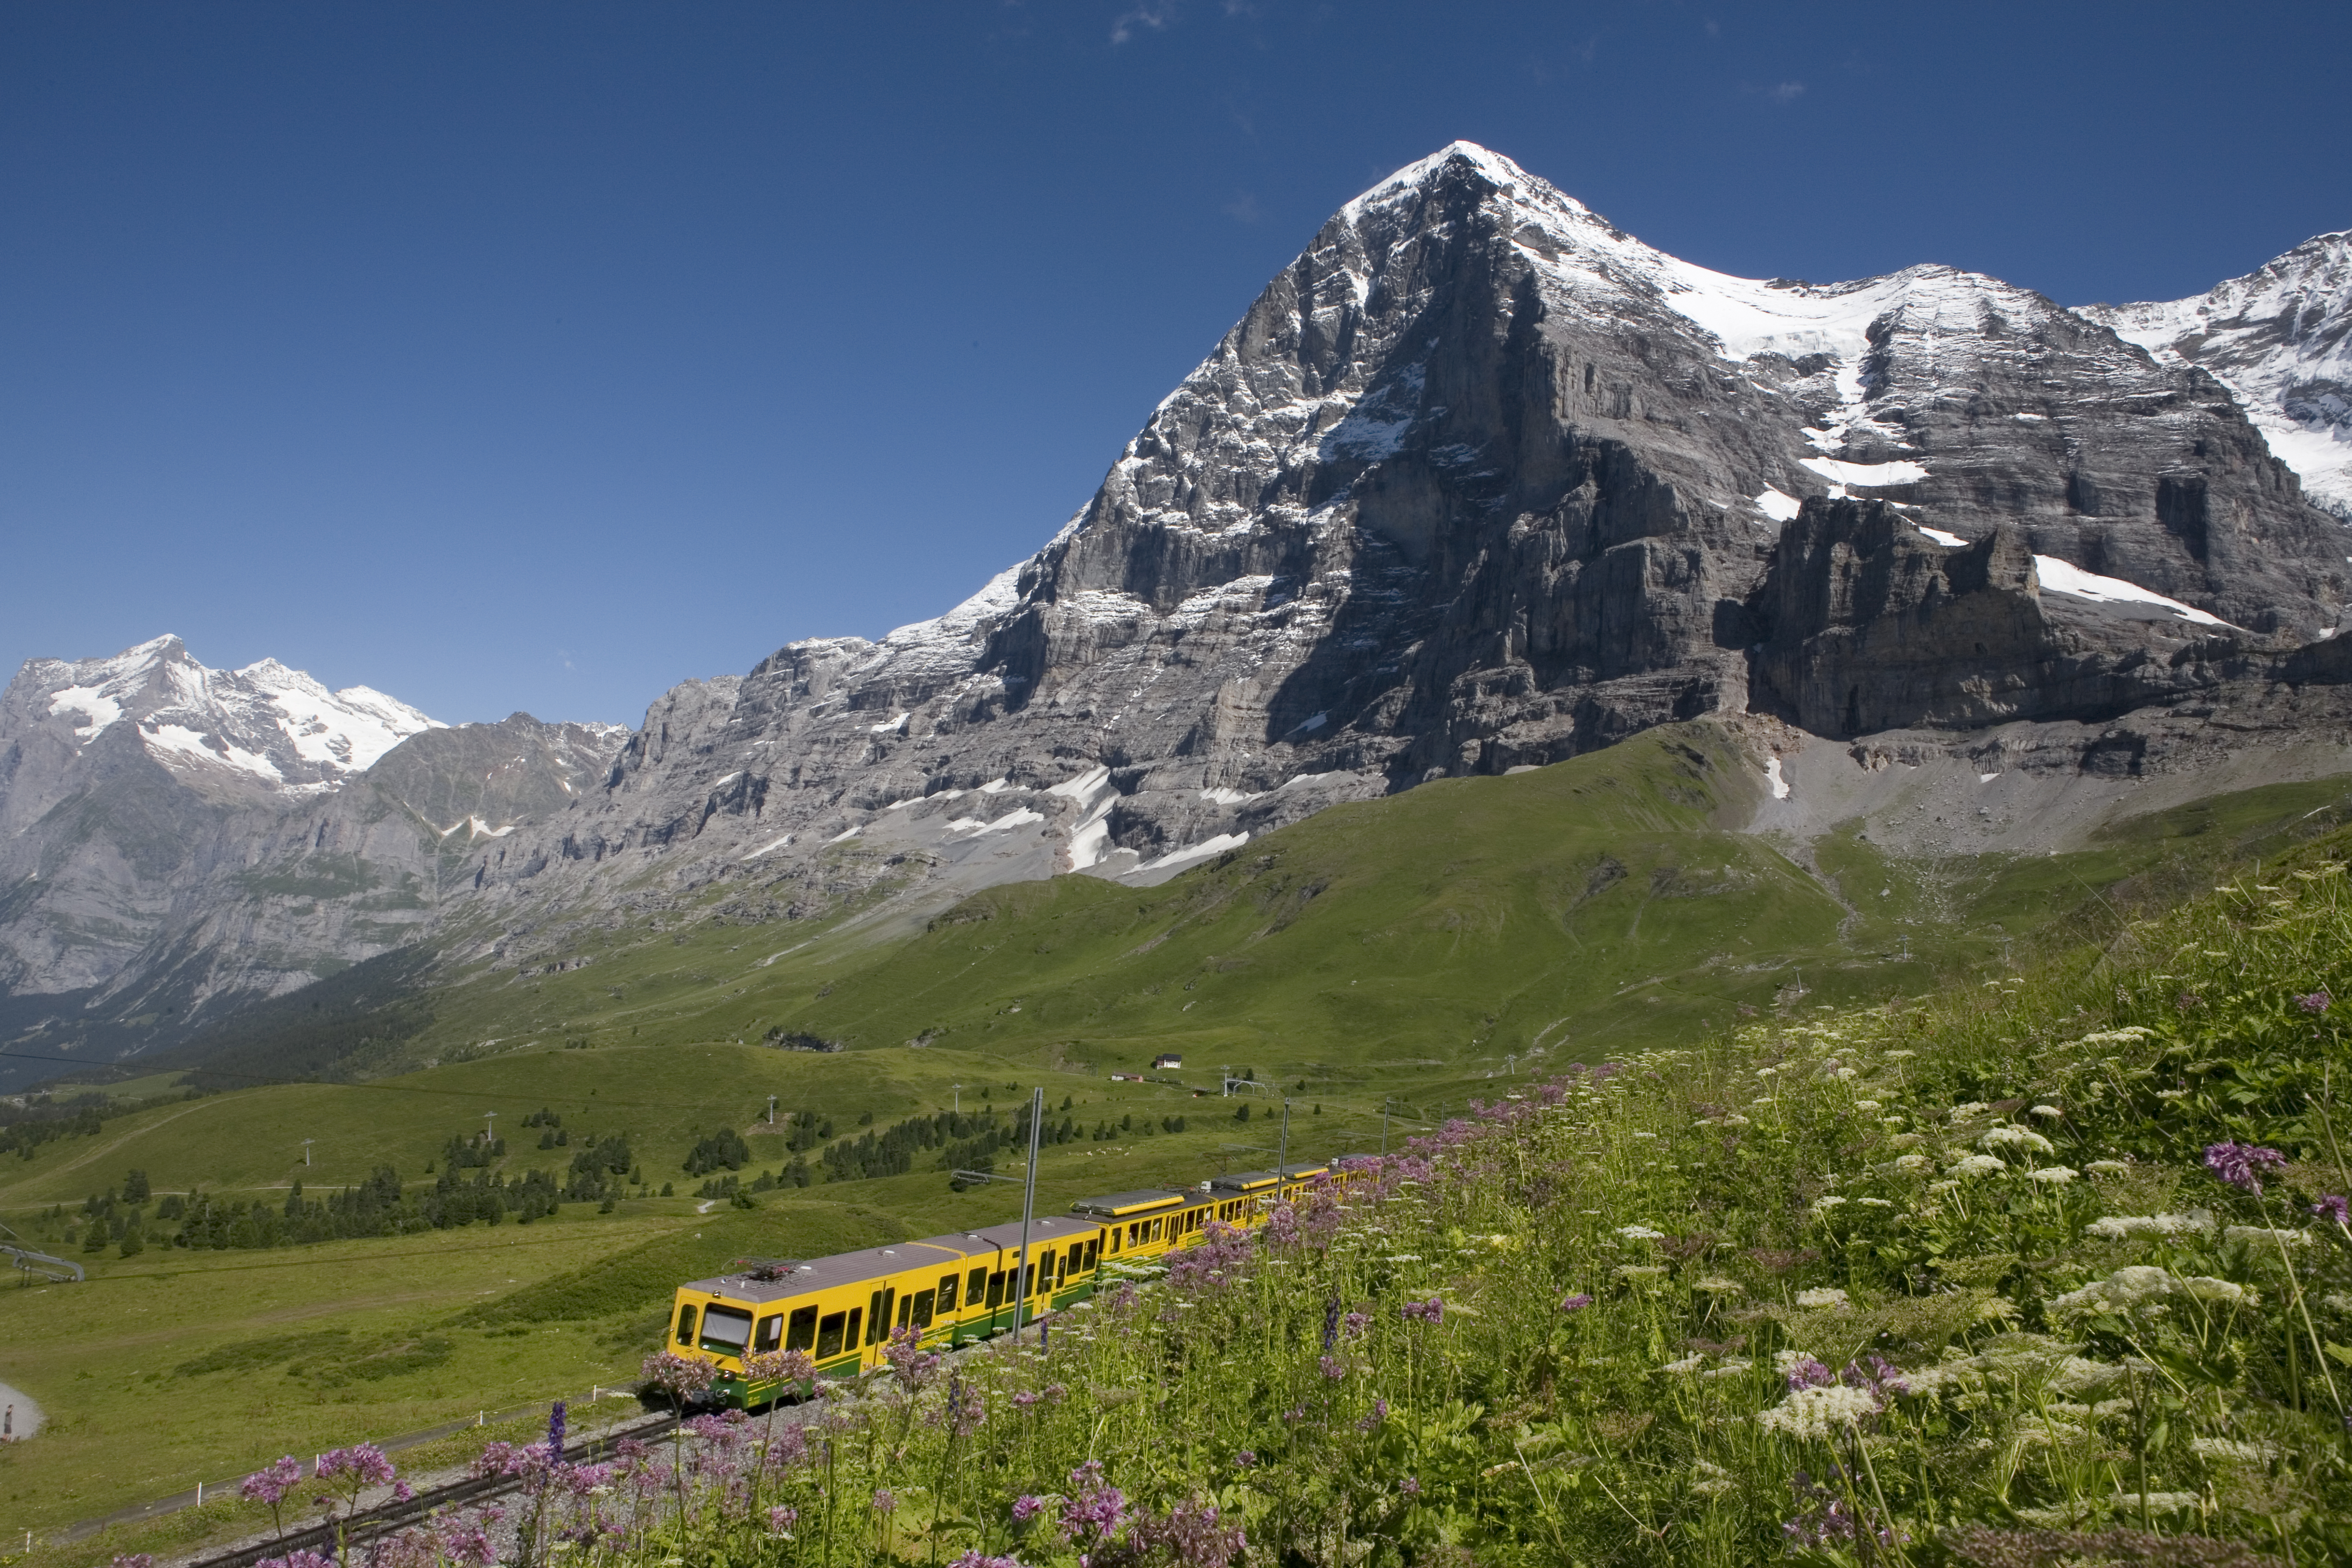 S21 Eiger